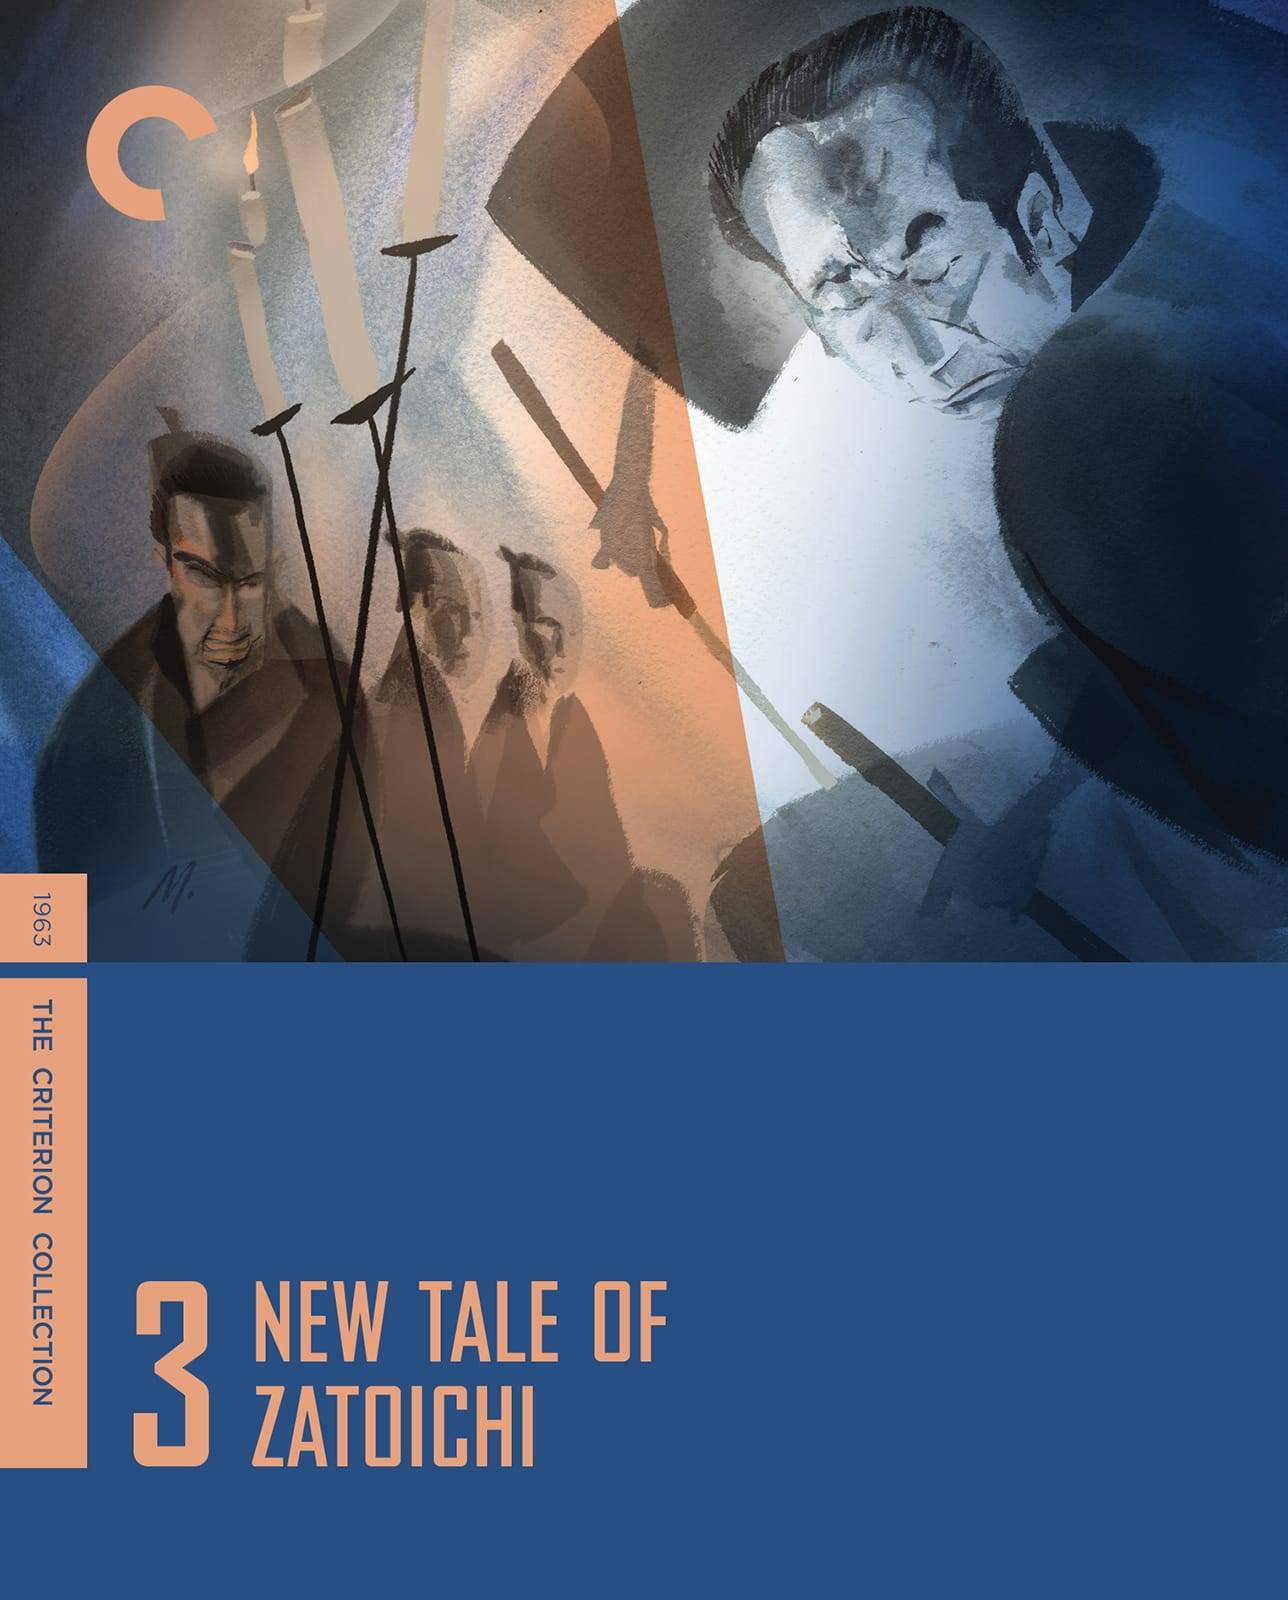 New Tale Of Zatoichi 1963 The Criterion Collection